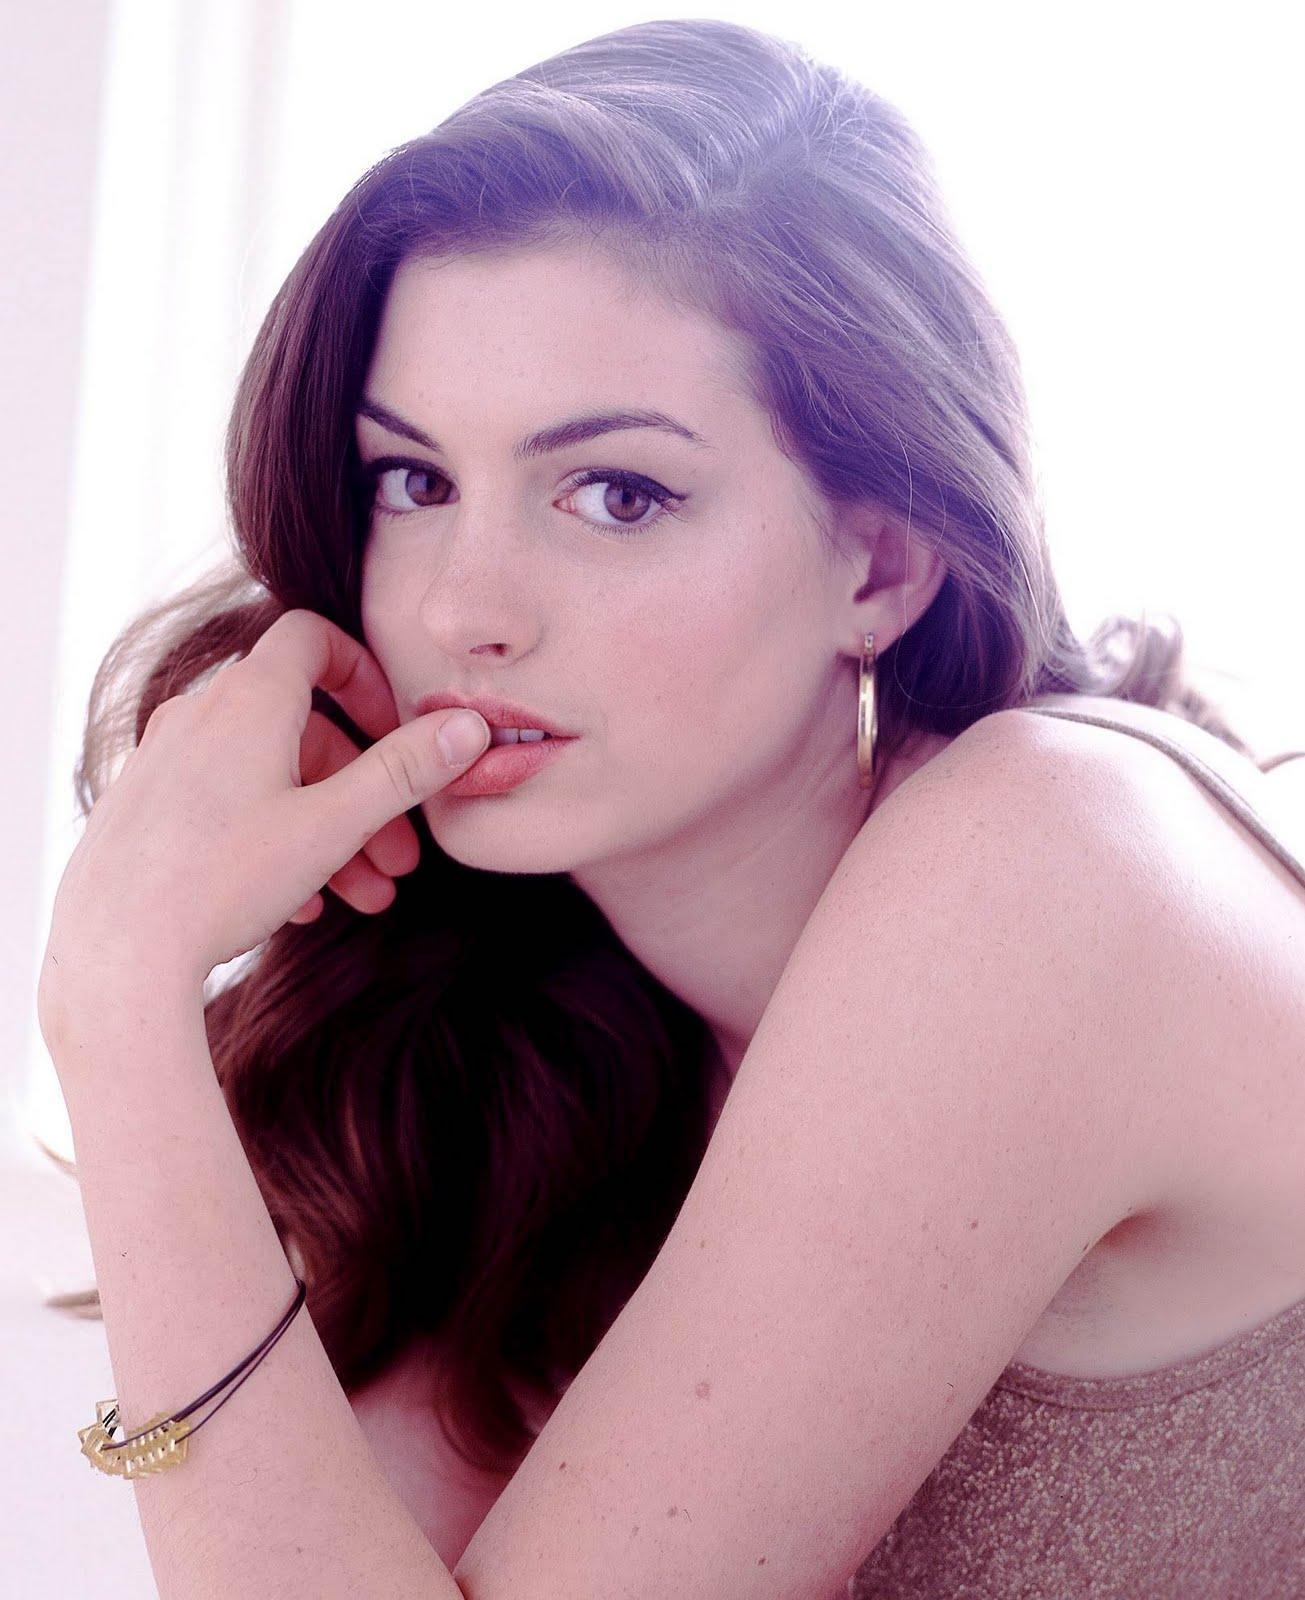 Aboutnicigiri: Anne Hathaway